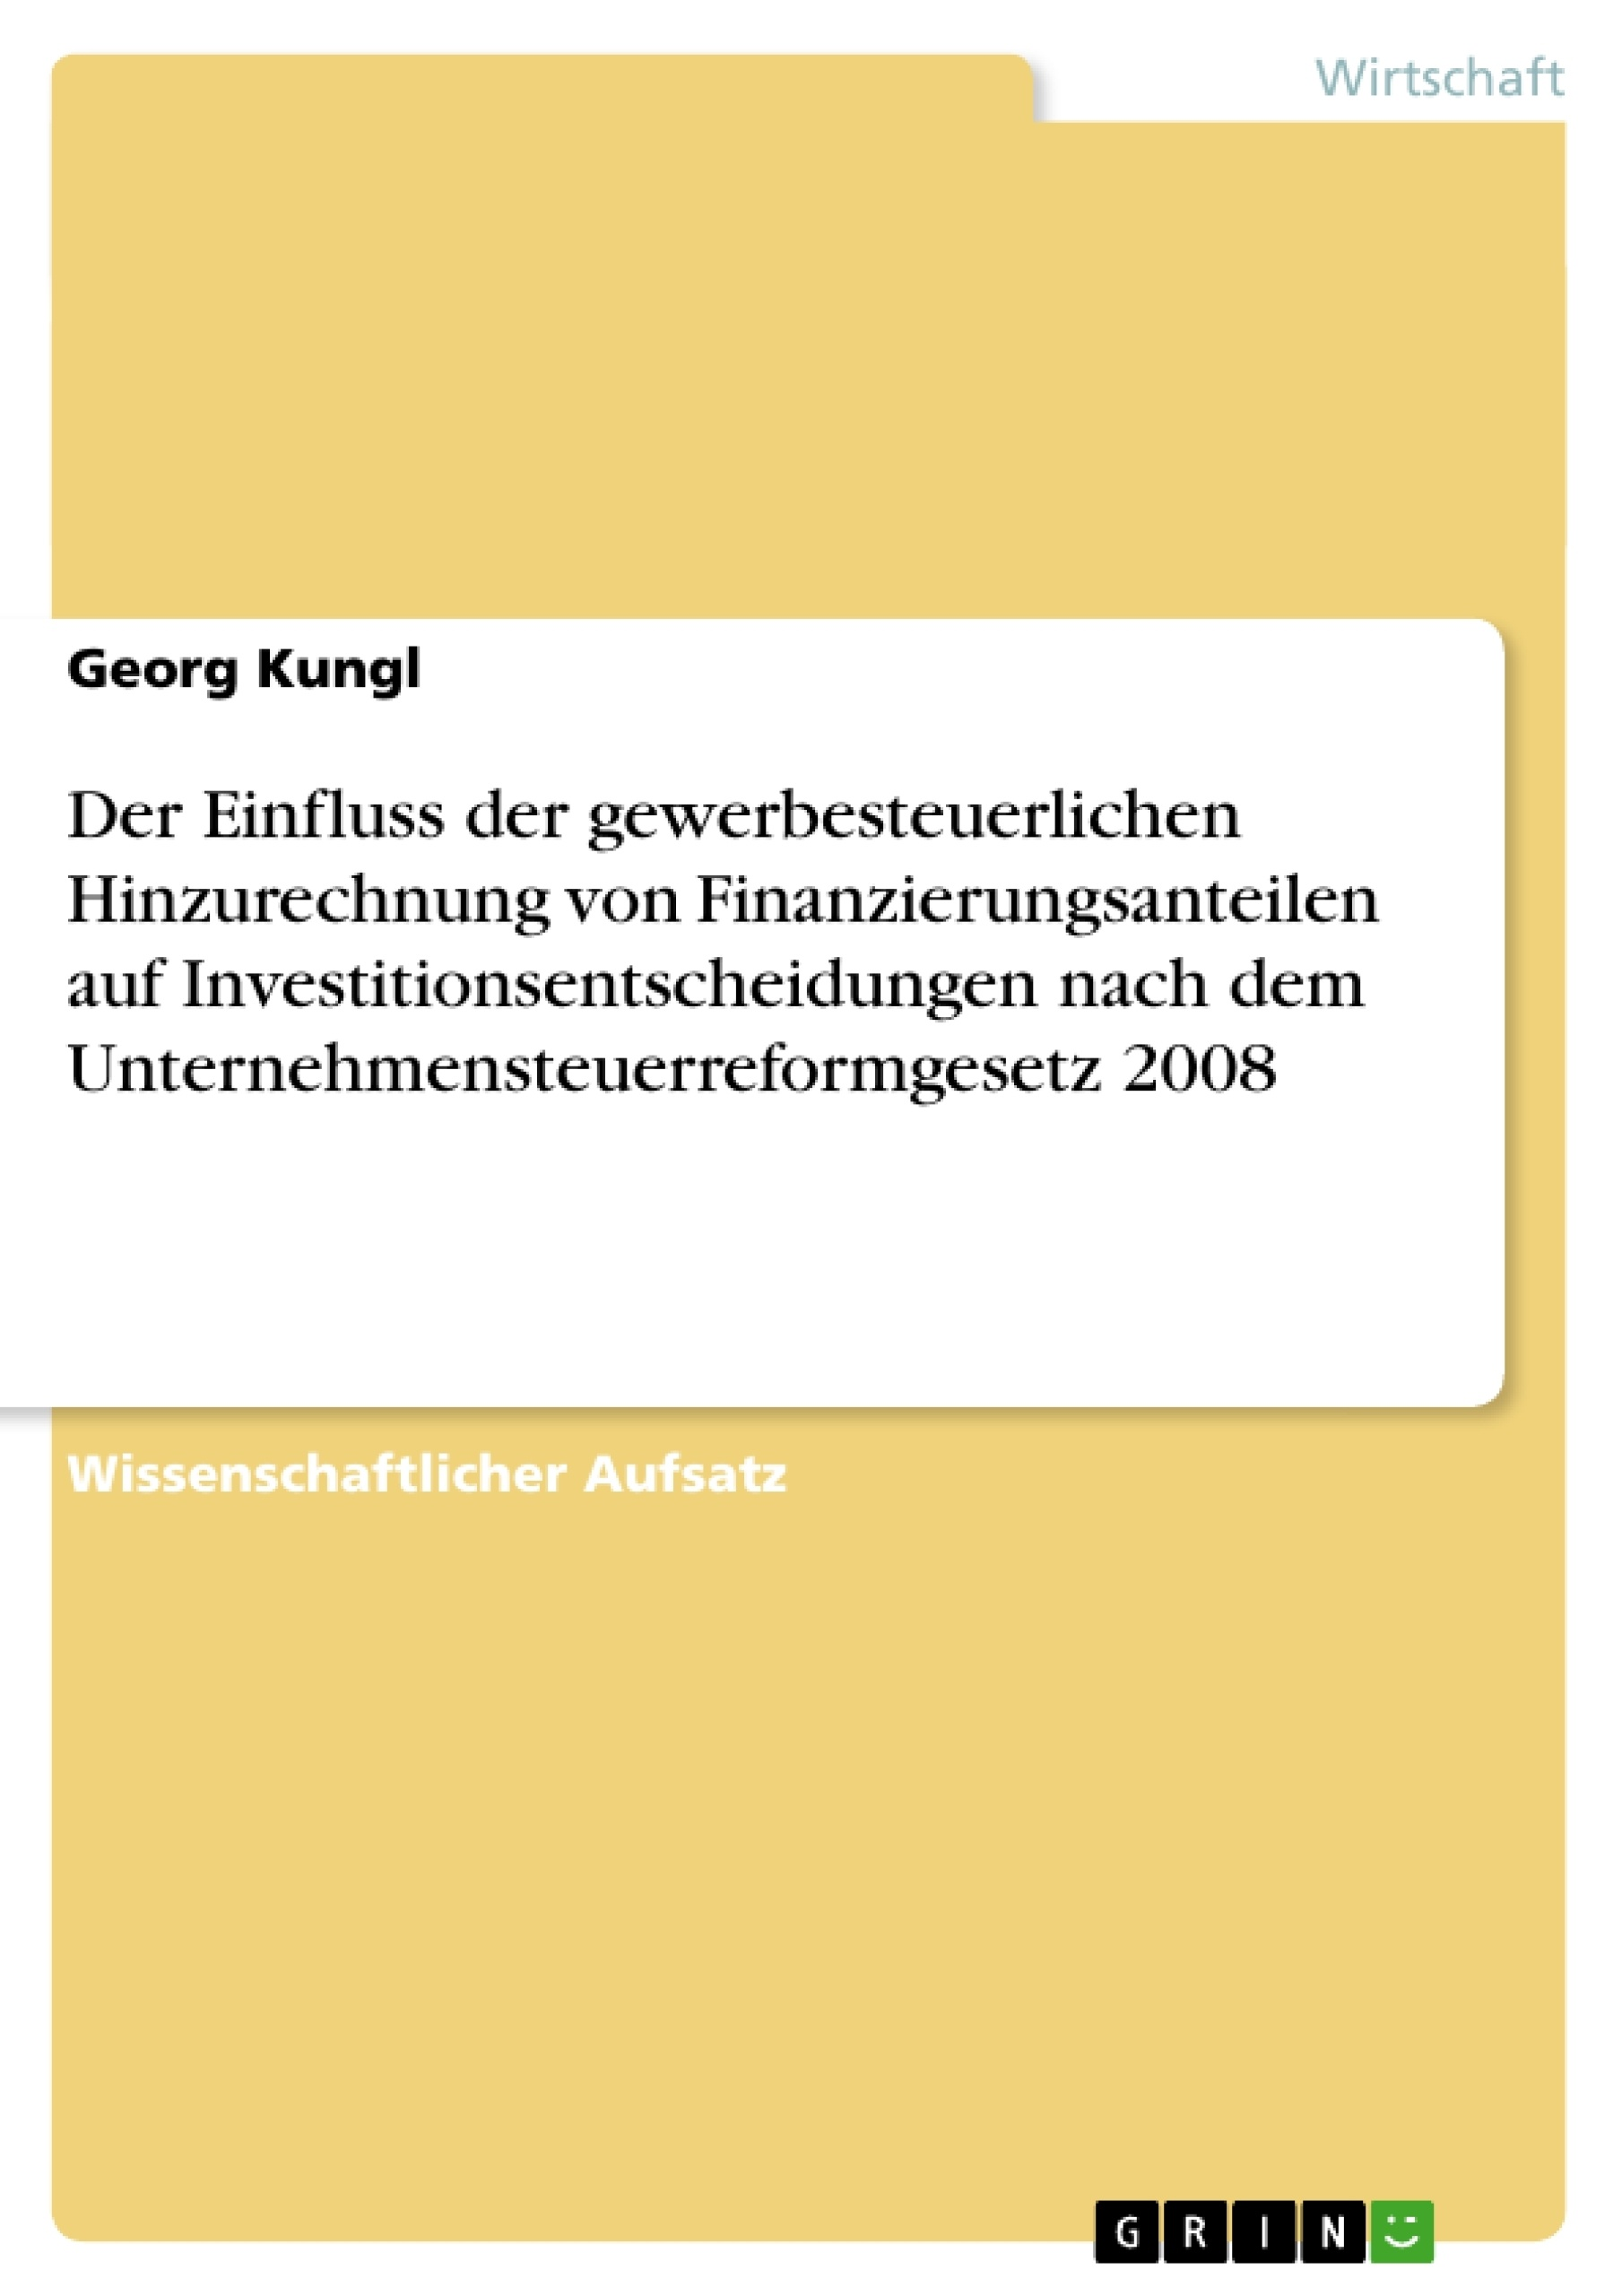 Titel: Der Einfluss der gewerbesteuerlichen Hinzurechnung von Finanzierungsanteilen auf Investitionsentscheidungen nach dem Unternehmensteuerreformgesetz 2008